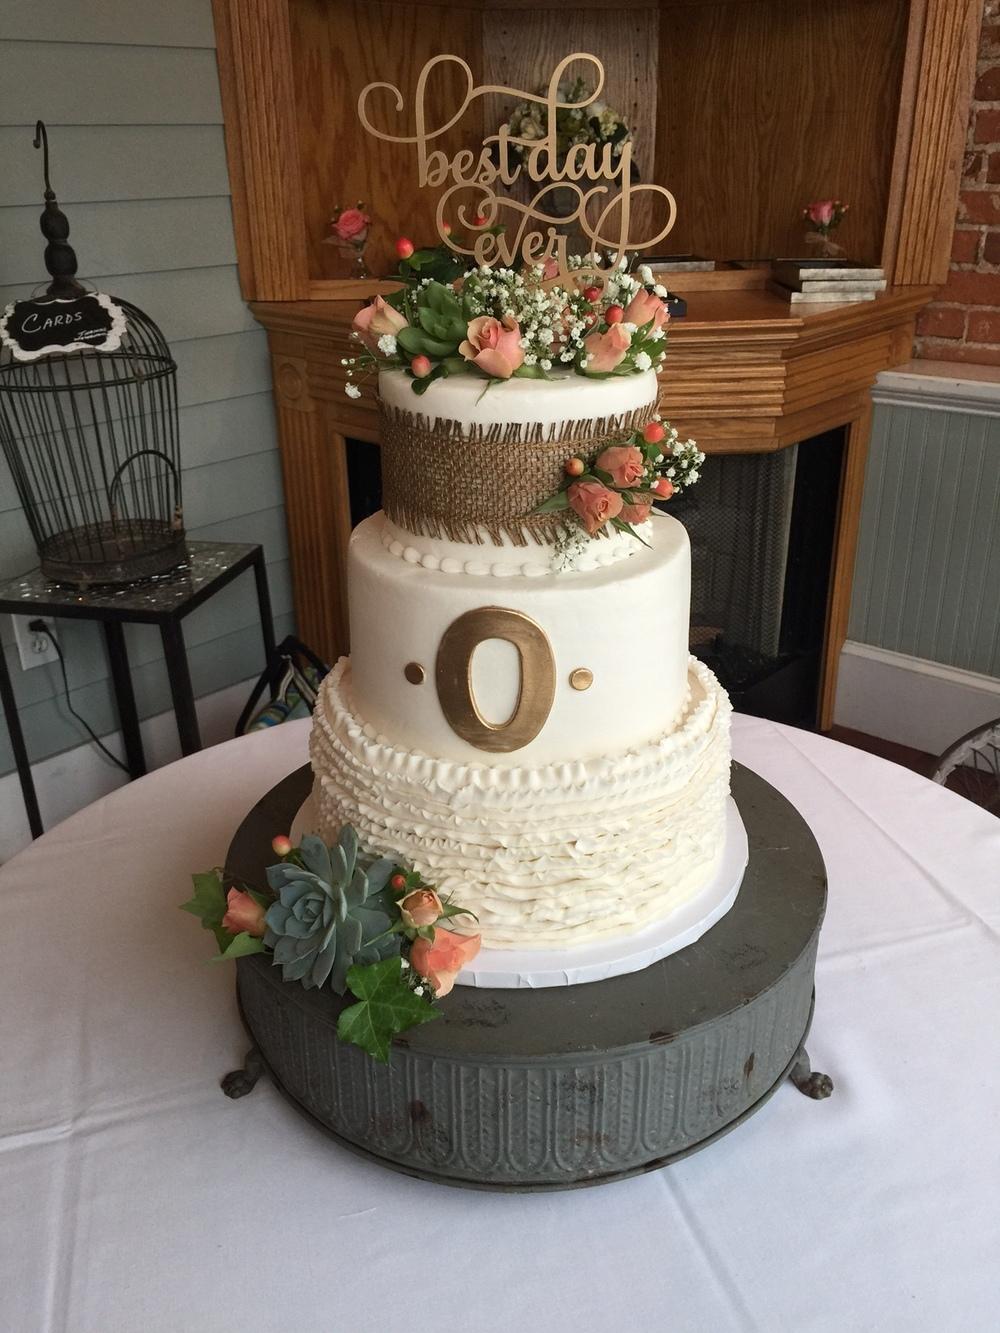 O cake-WC.JPG